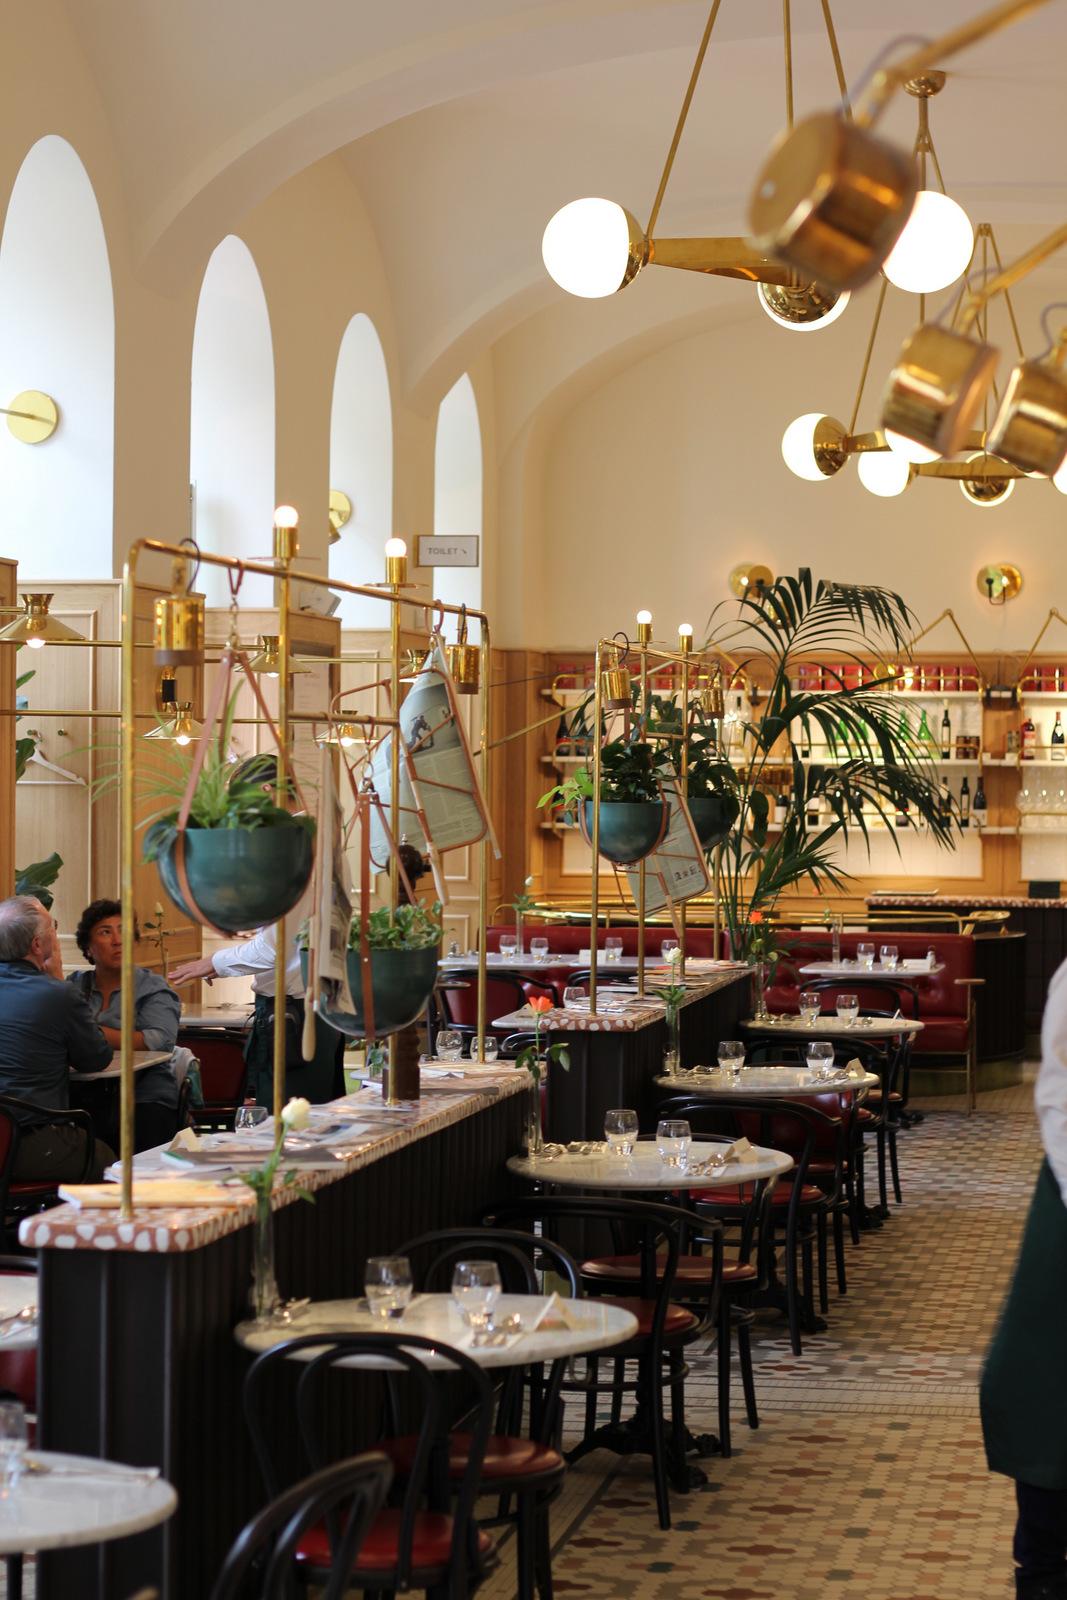 budapeszt restauracje gdzie zjeść